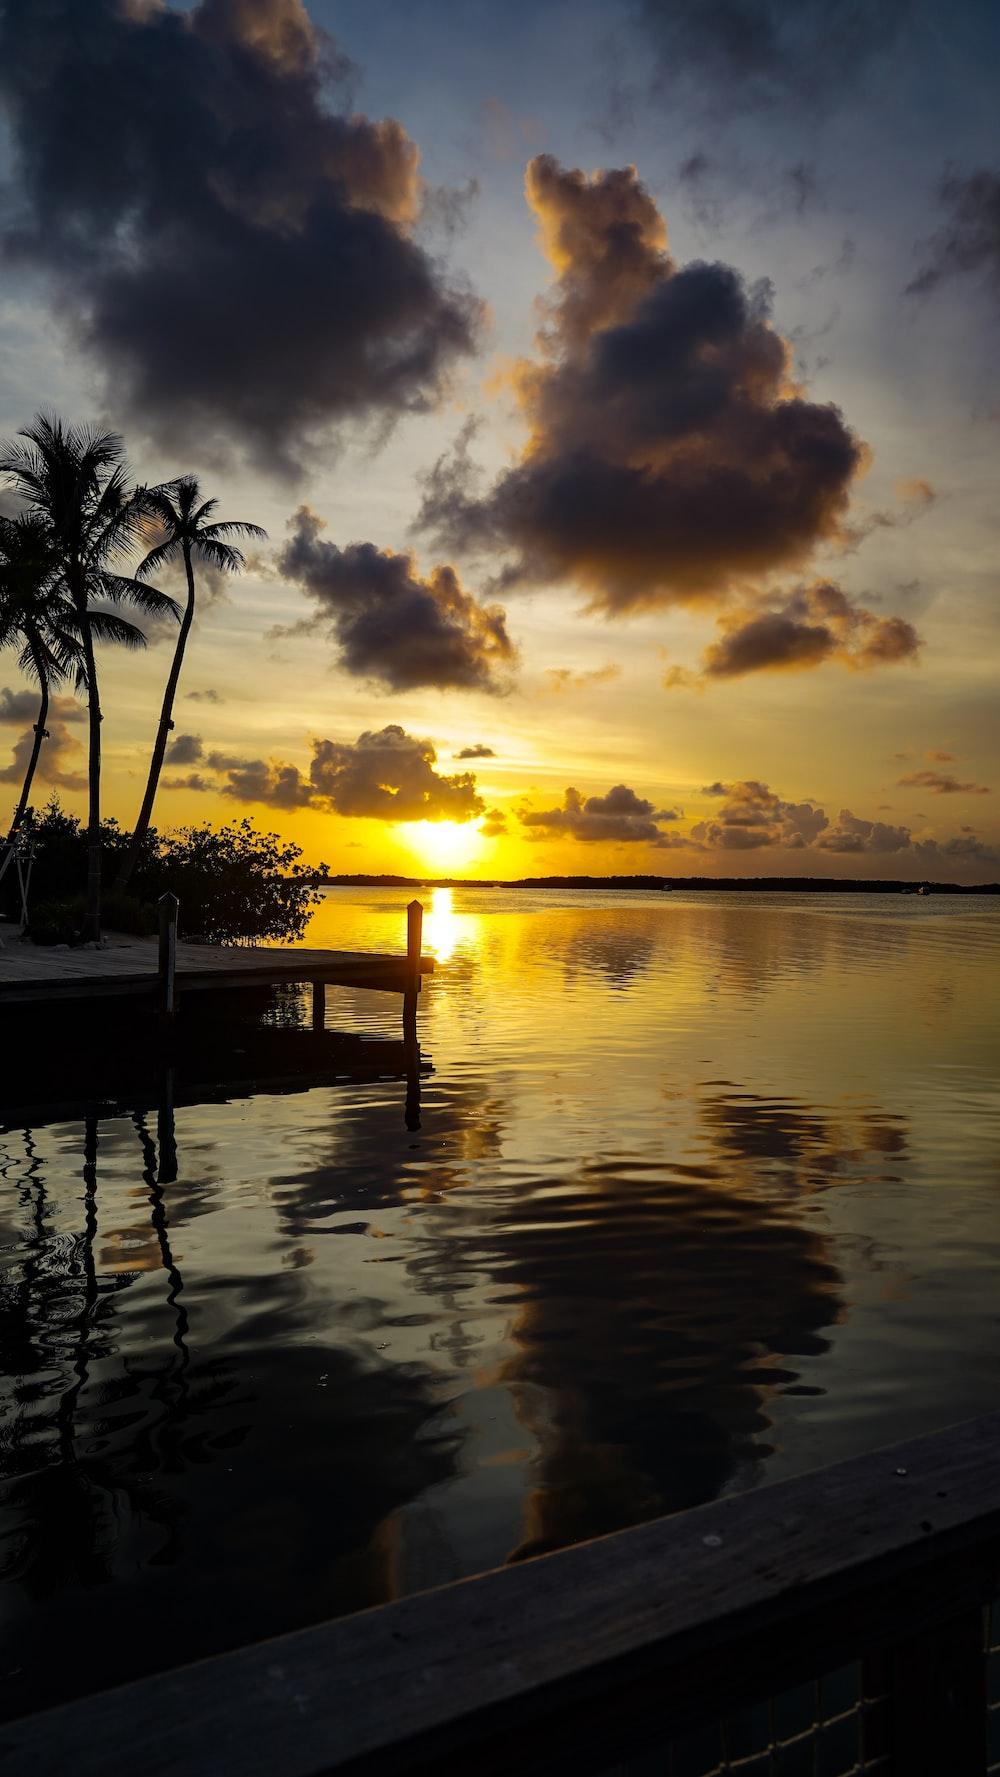 calm body of water under golden hour